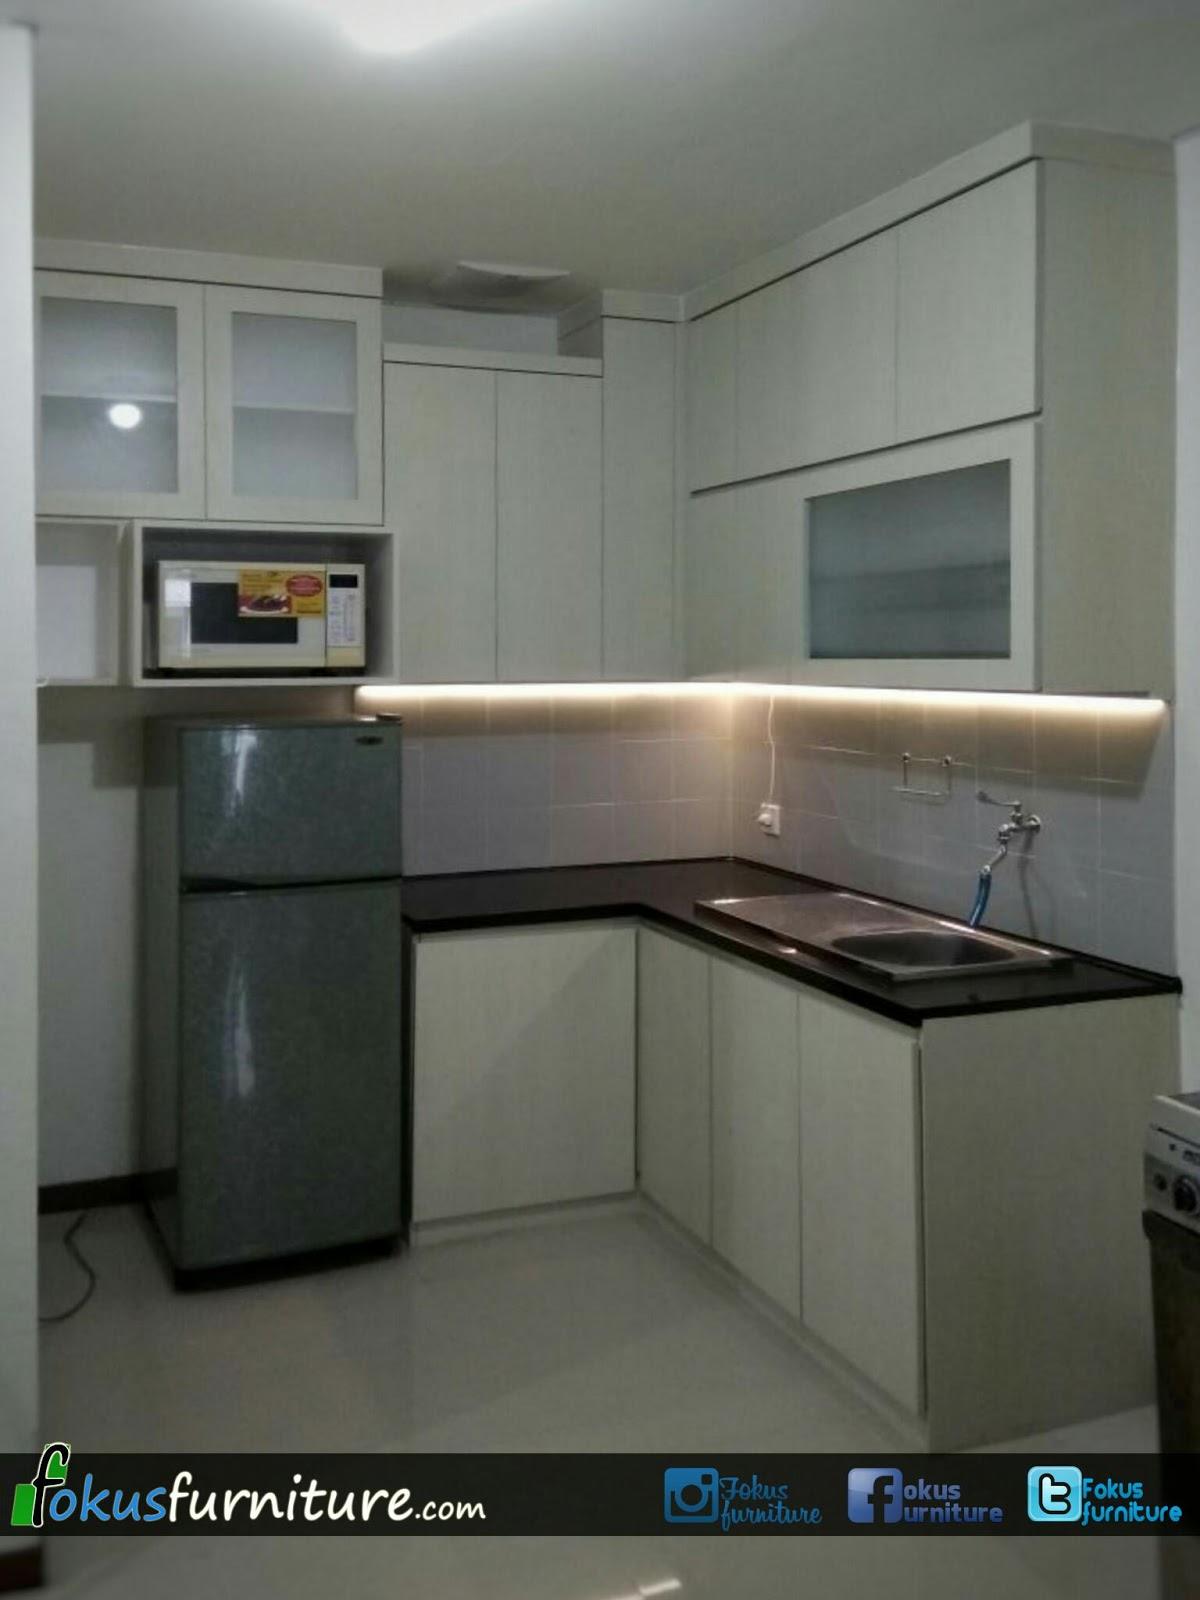 Furniture minimalis jabodetabek kitchen set lemari pakaian kitchen